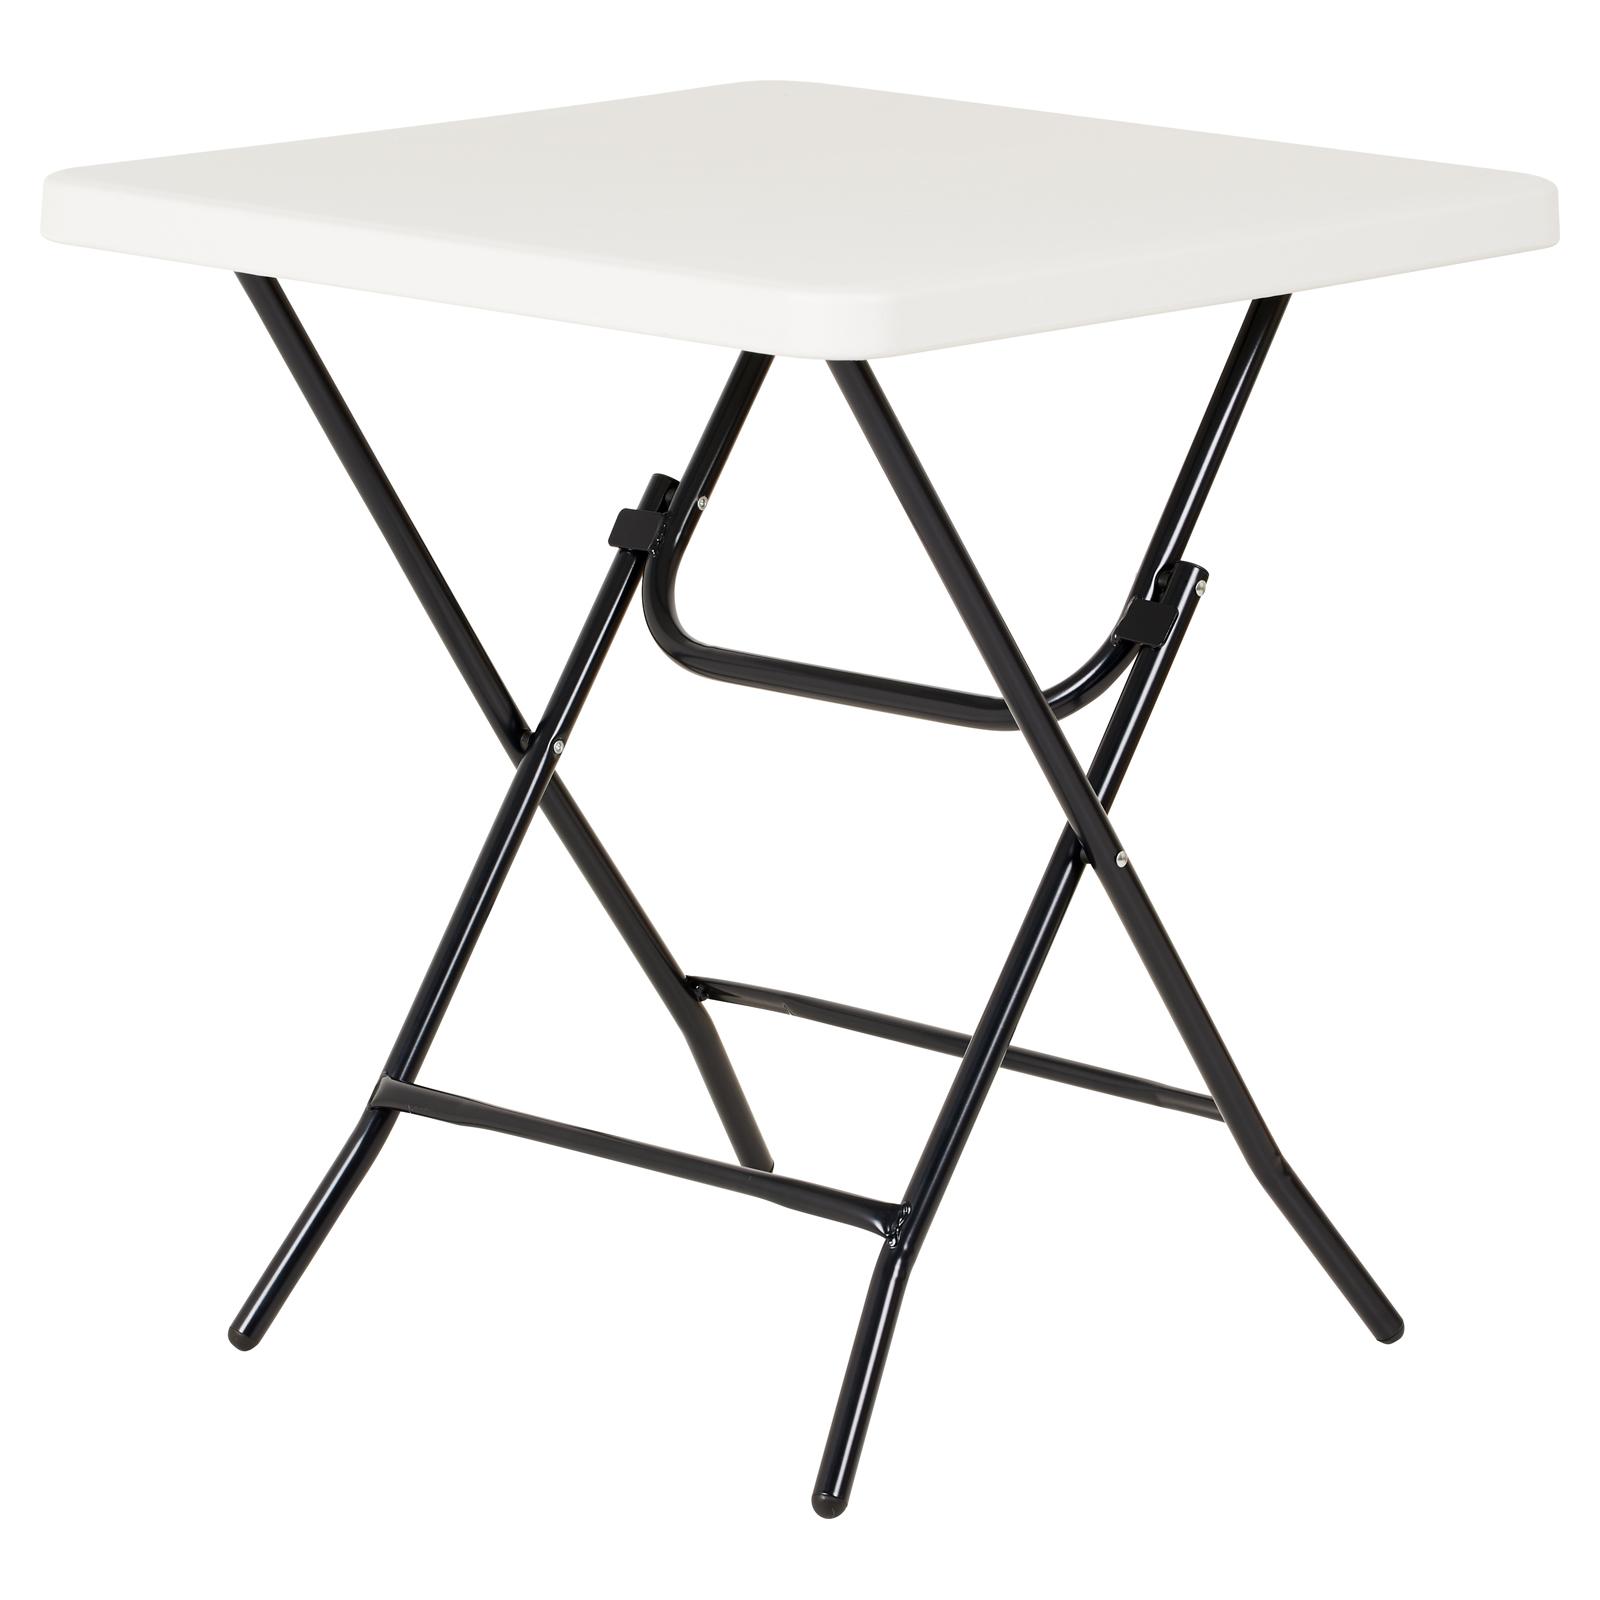 Détails sur Petit carré blanc Table Pliante  Picnic/Cuisine/Camping/Jardin-vente #565- afficher le titre d\'origine